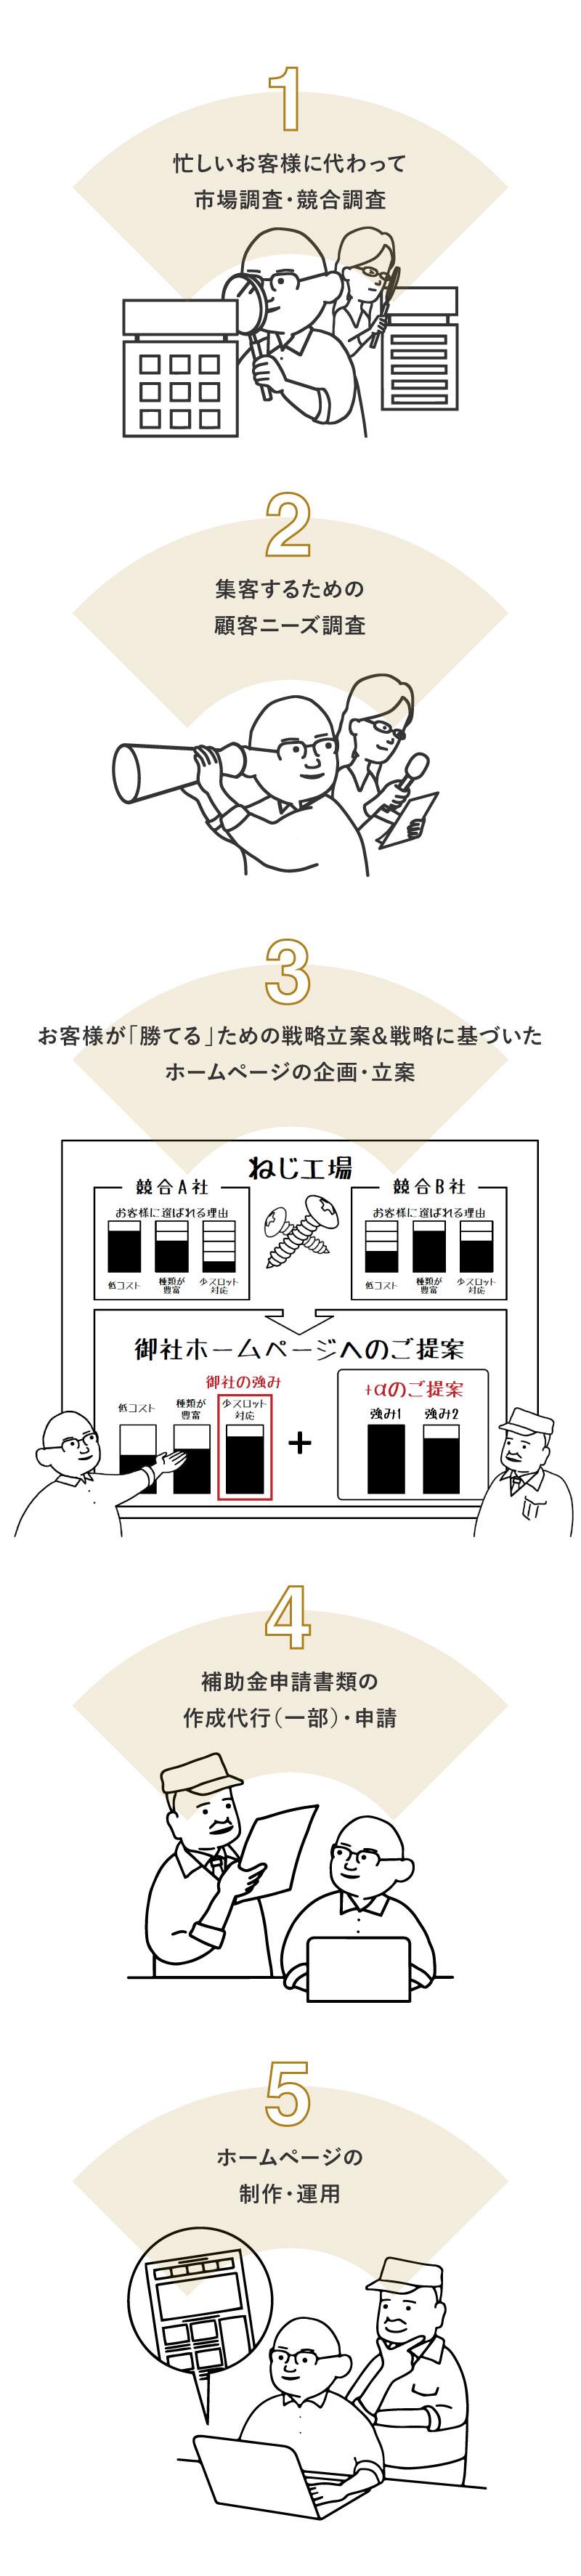 Soichiroが製造業のみなさまのためにできることの図